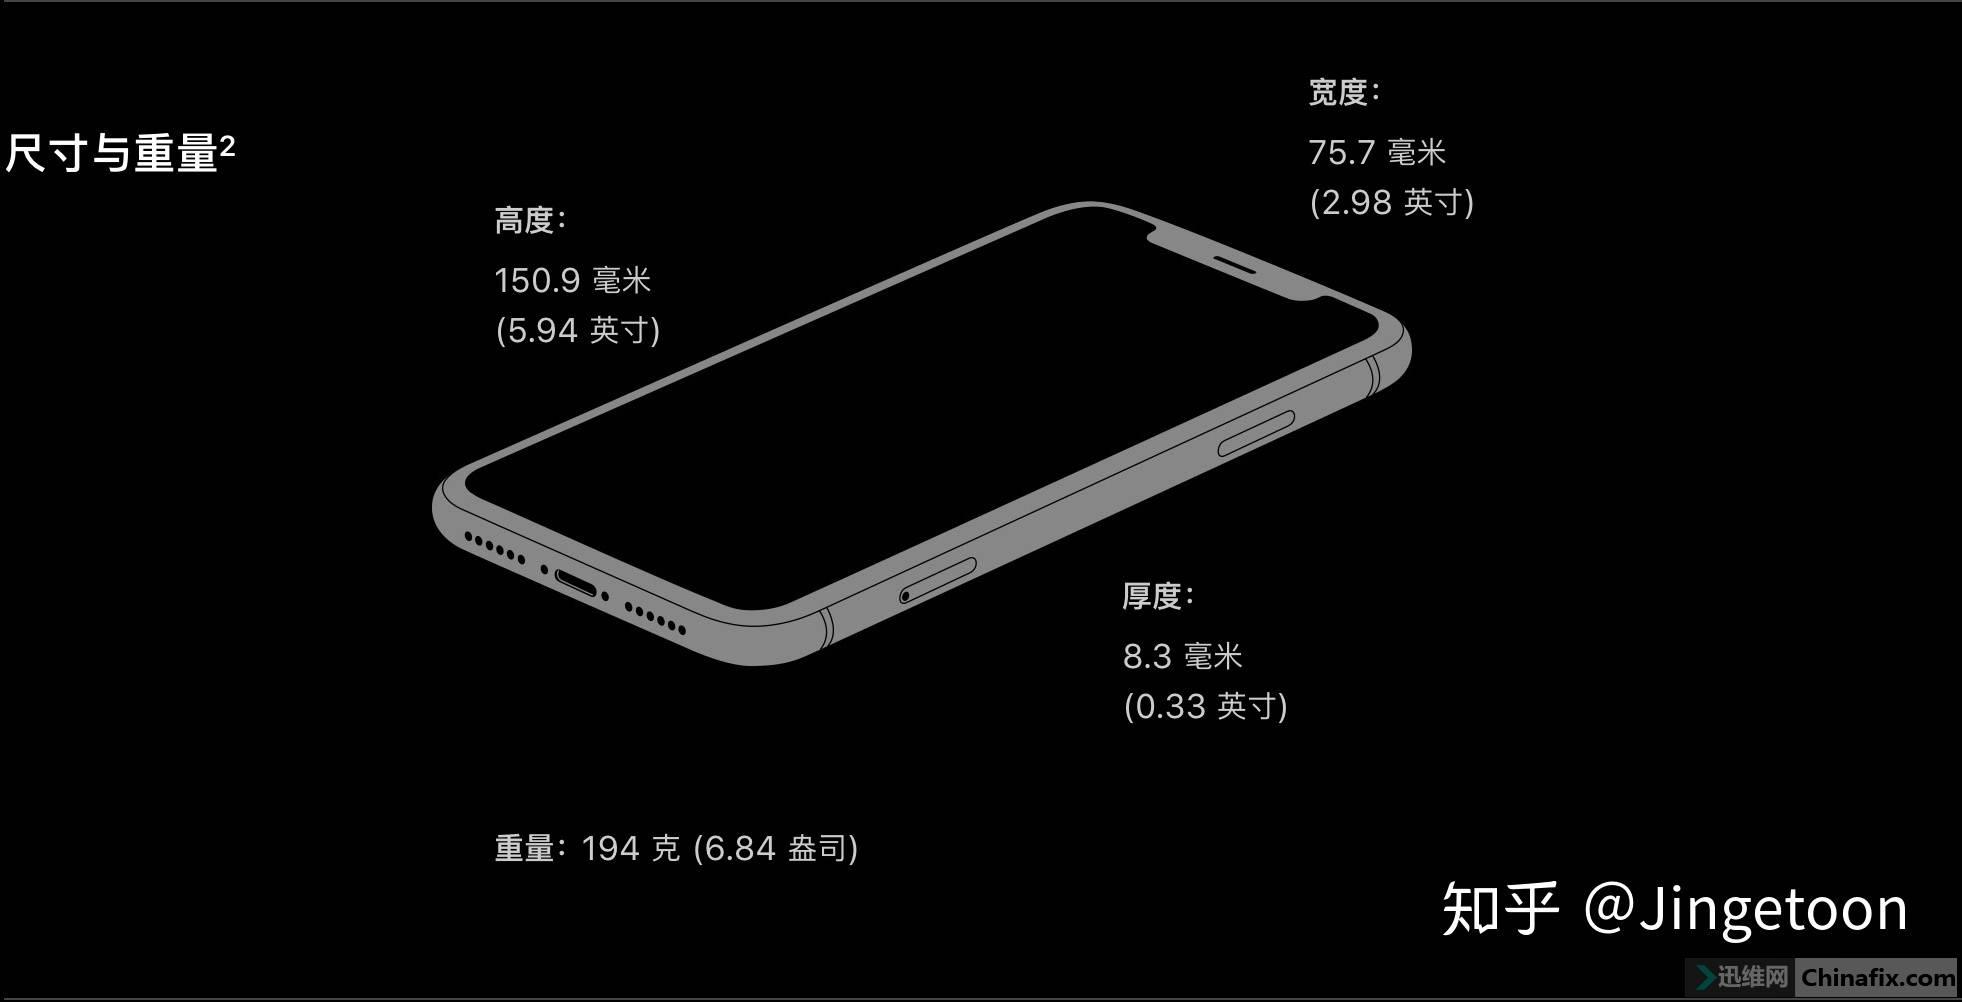 如何看待苹果 2018 年推出的 iPhone XR?配置和性能如何?-4.jpg